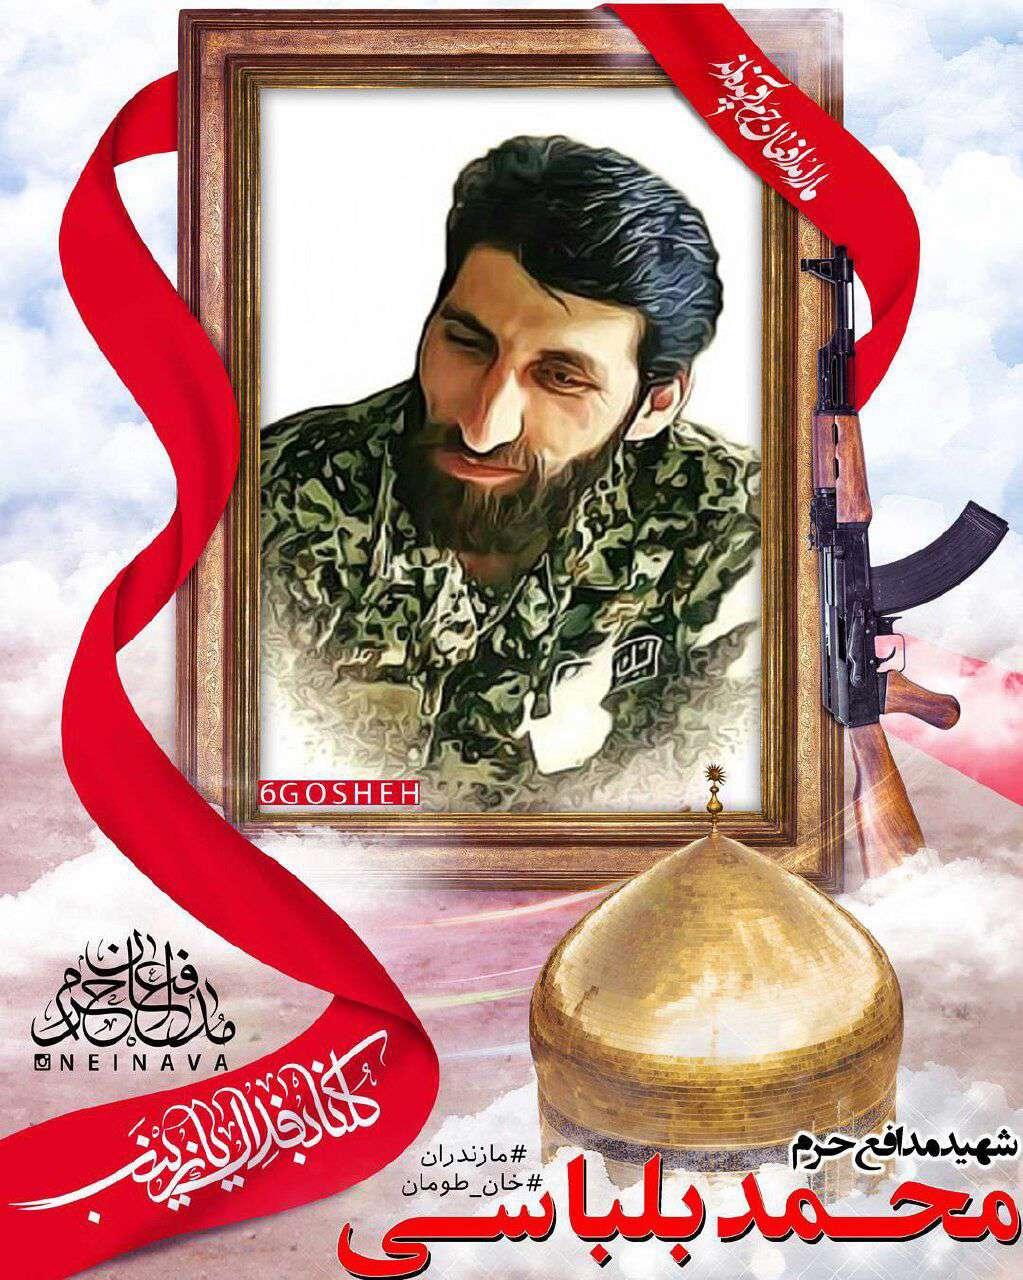 شهید مدافع حرم محمد بلباسی